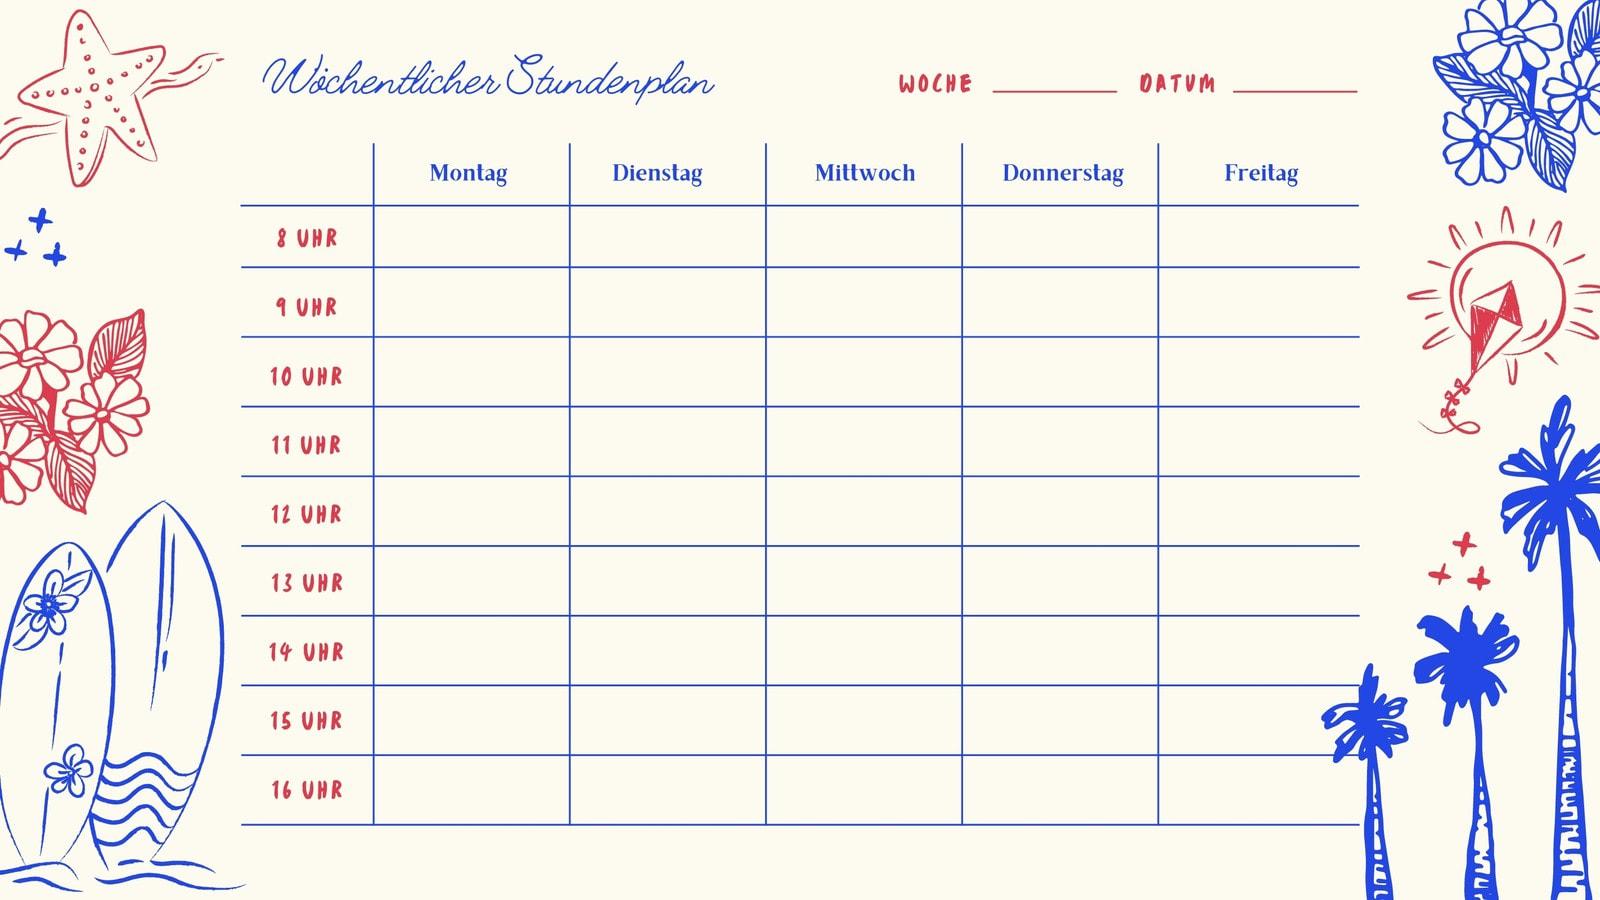 Leer Rot und Blau Vintage Nautisch Stundenplan Kalender